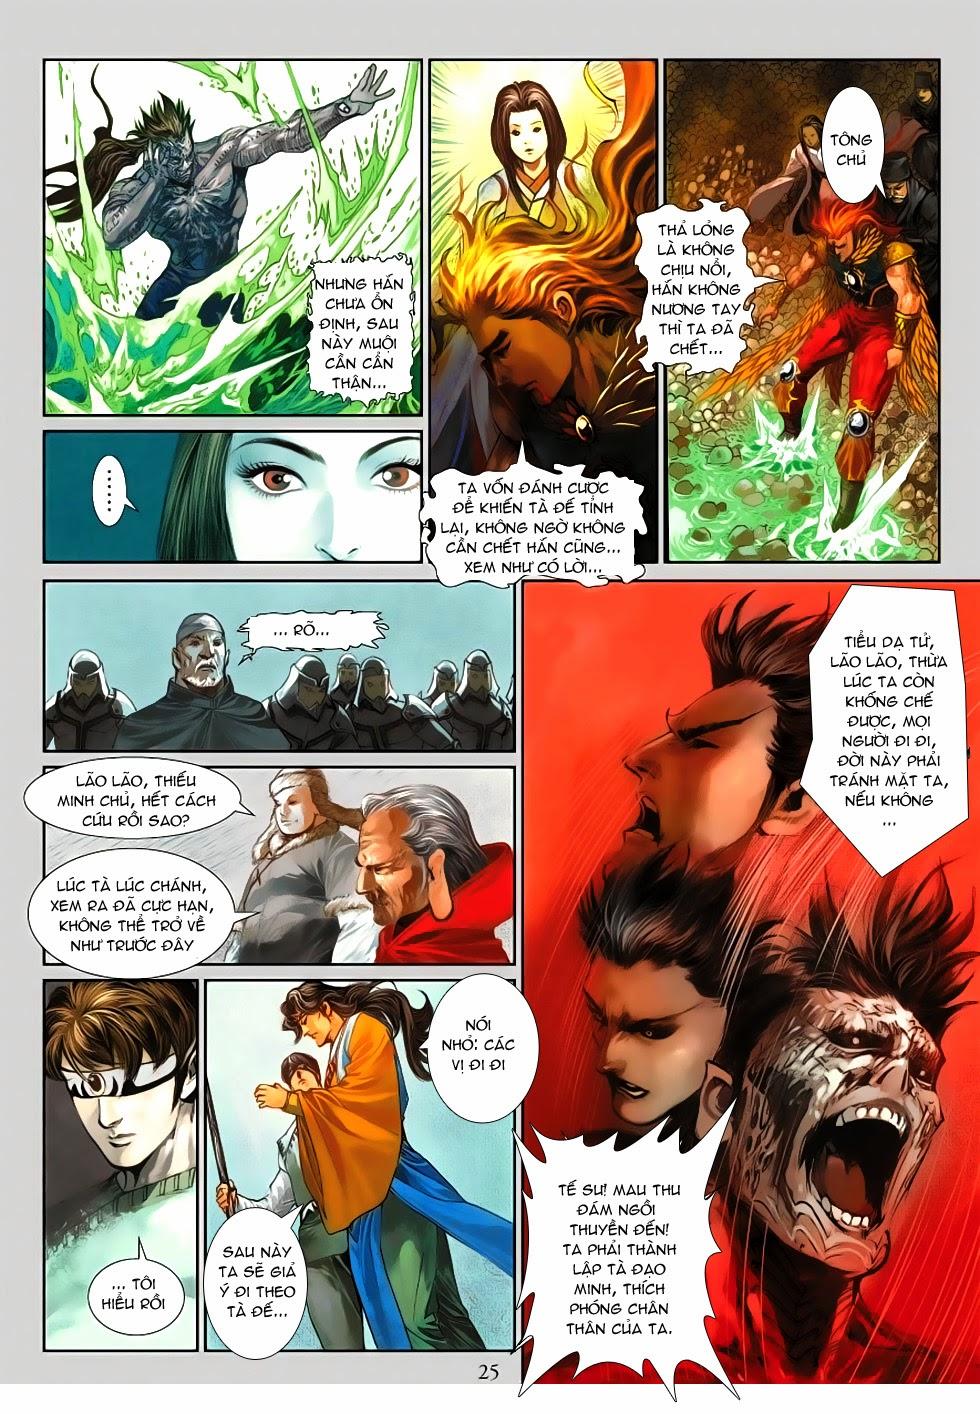 Thần Binh Tiền Truyện 4 - Huyền Thiên Tà Đế chap 13 - Trang 25